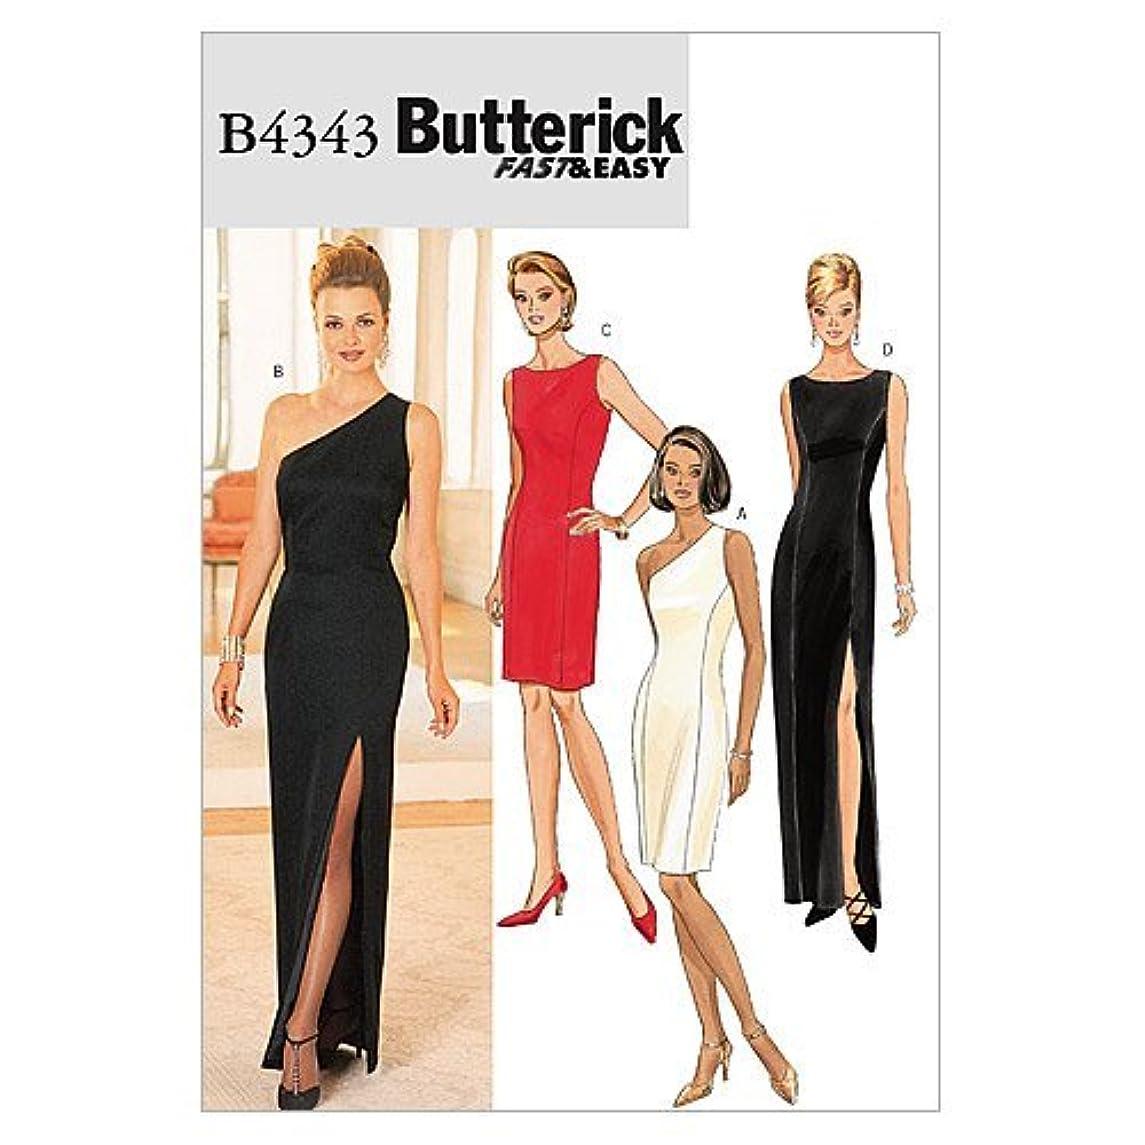 BUTTERICK PATTERNS B4343 Misses/Misses' Petite Lined Dress, Size 6-8-10-12